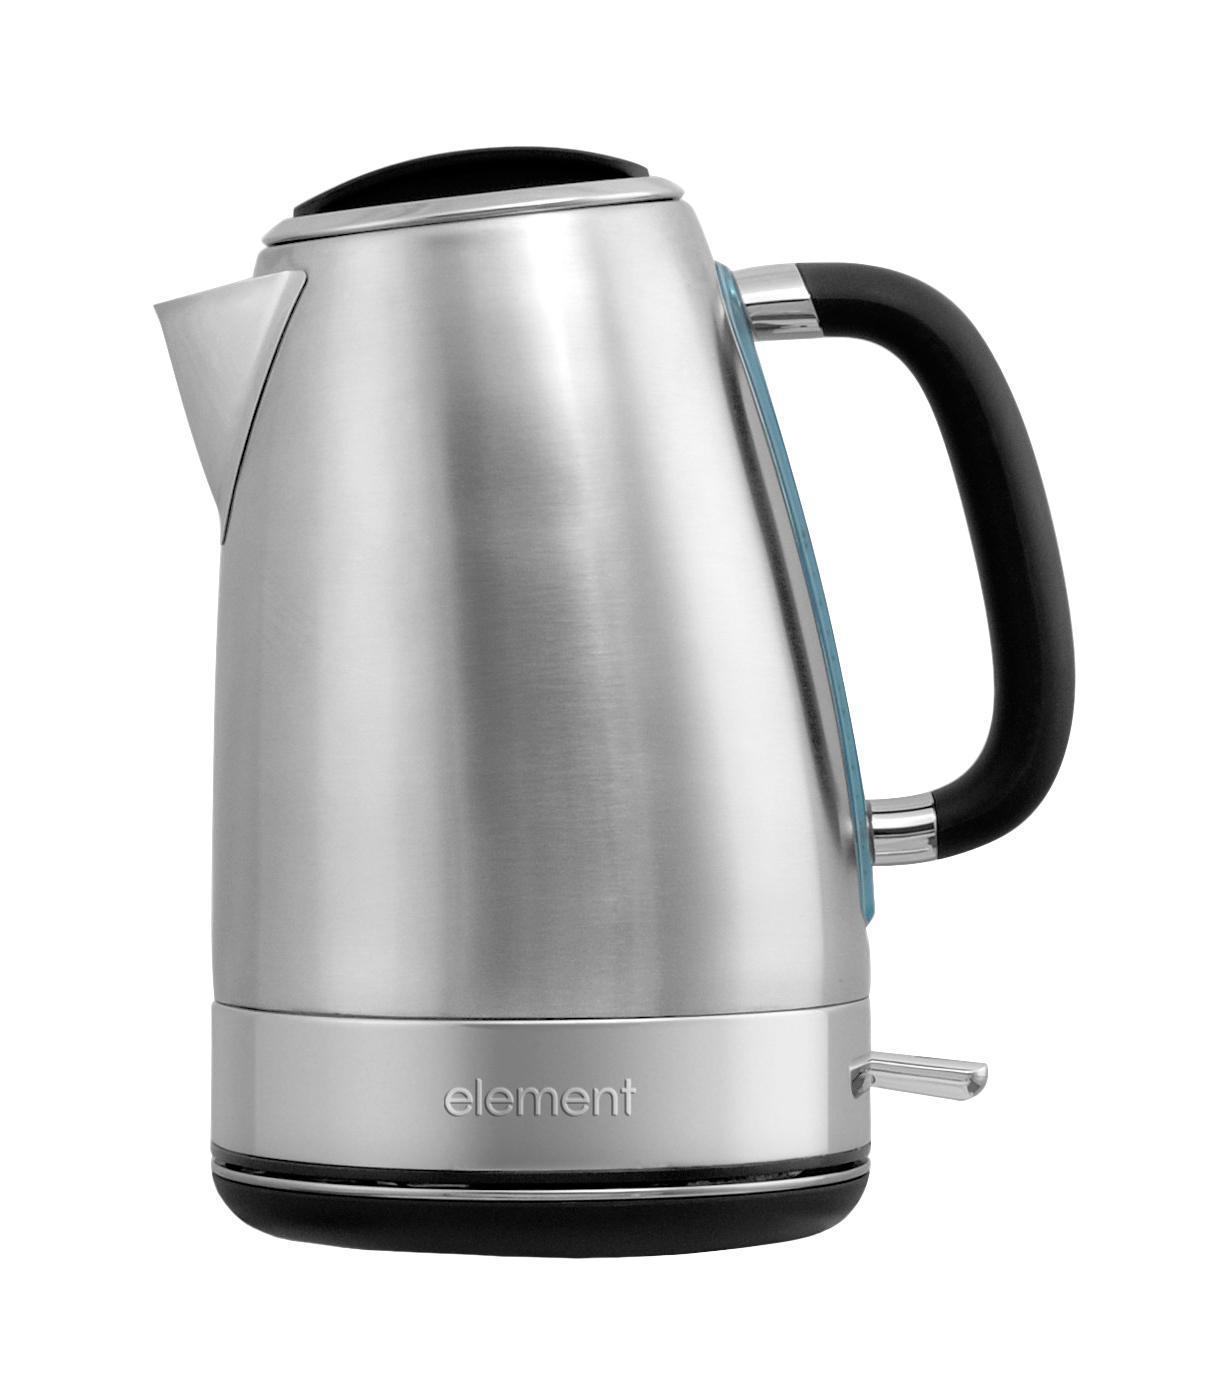 Element WF05MB, Metall Black электрочайникWF05MBЭлектрический чайник Element WF05MB имеет оригинальный дизайн. Нержавеющая сталь, из которой выполнен чайник, является не только экологически безопасным материалом, а также обладает повышенной прочностью, надежностью и долговечностью. Благодаря подсветке, вы всегда будете видеть уровень воды в чайнике. Стальной фильтр-сетка защитит ваши напитки от накипи. Выбор стали в качестве материала фильтра позволяет значительно увеличить его срок службы. Благодаря прорезиненному покрытию ручка не нагревается и не скользит в руке. Такой чайник станет стильным дополнением любой кухни.